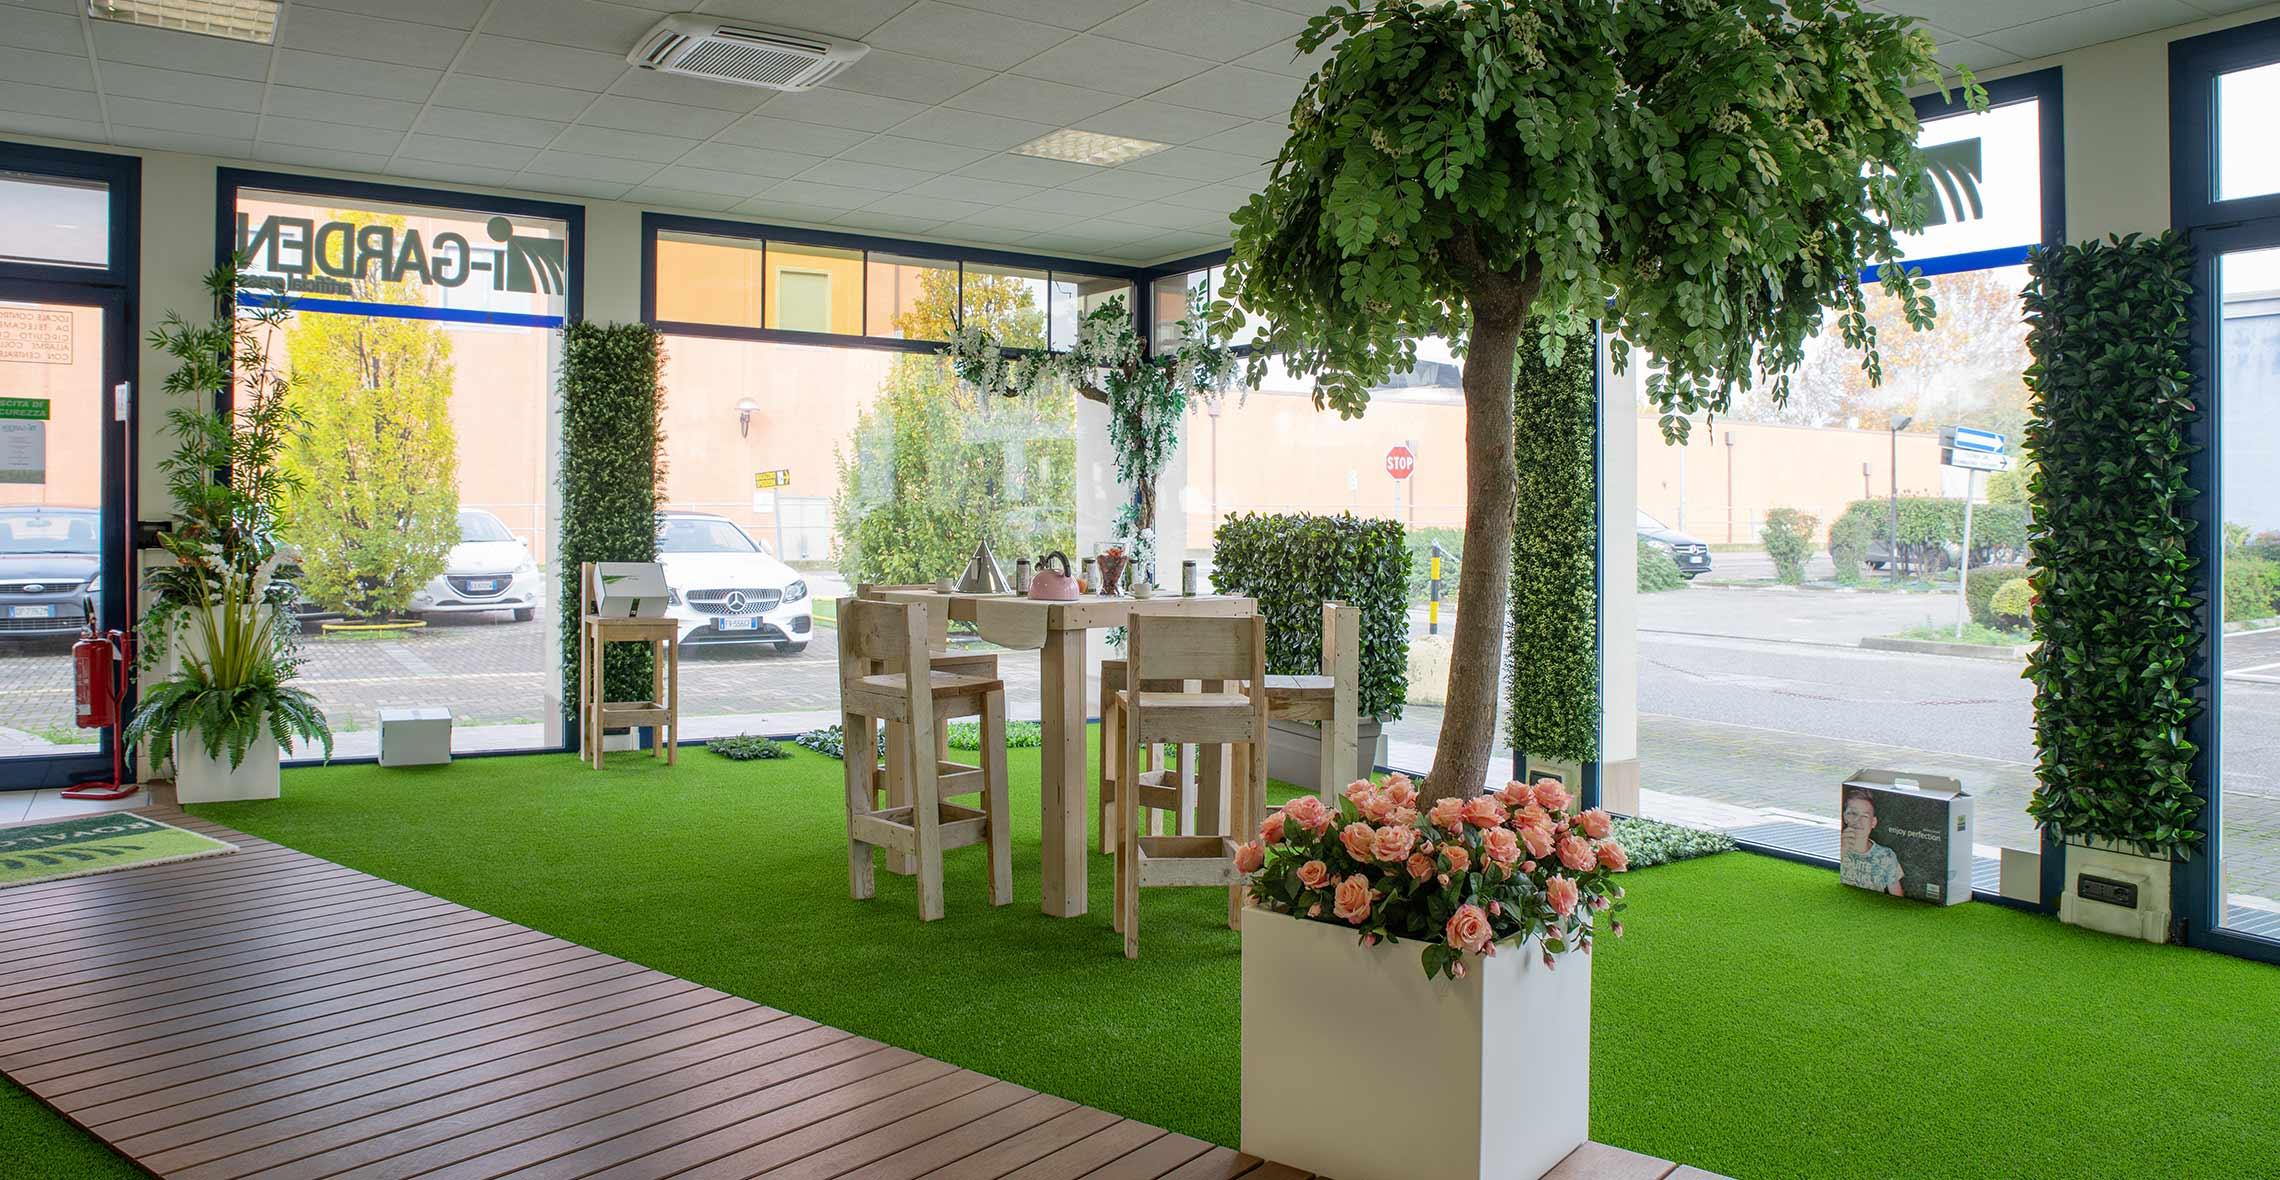 negozio i garden erba sintetica